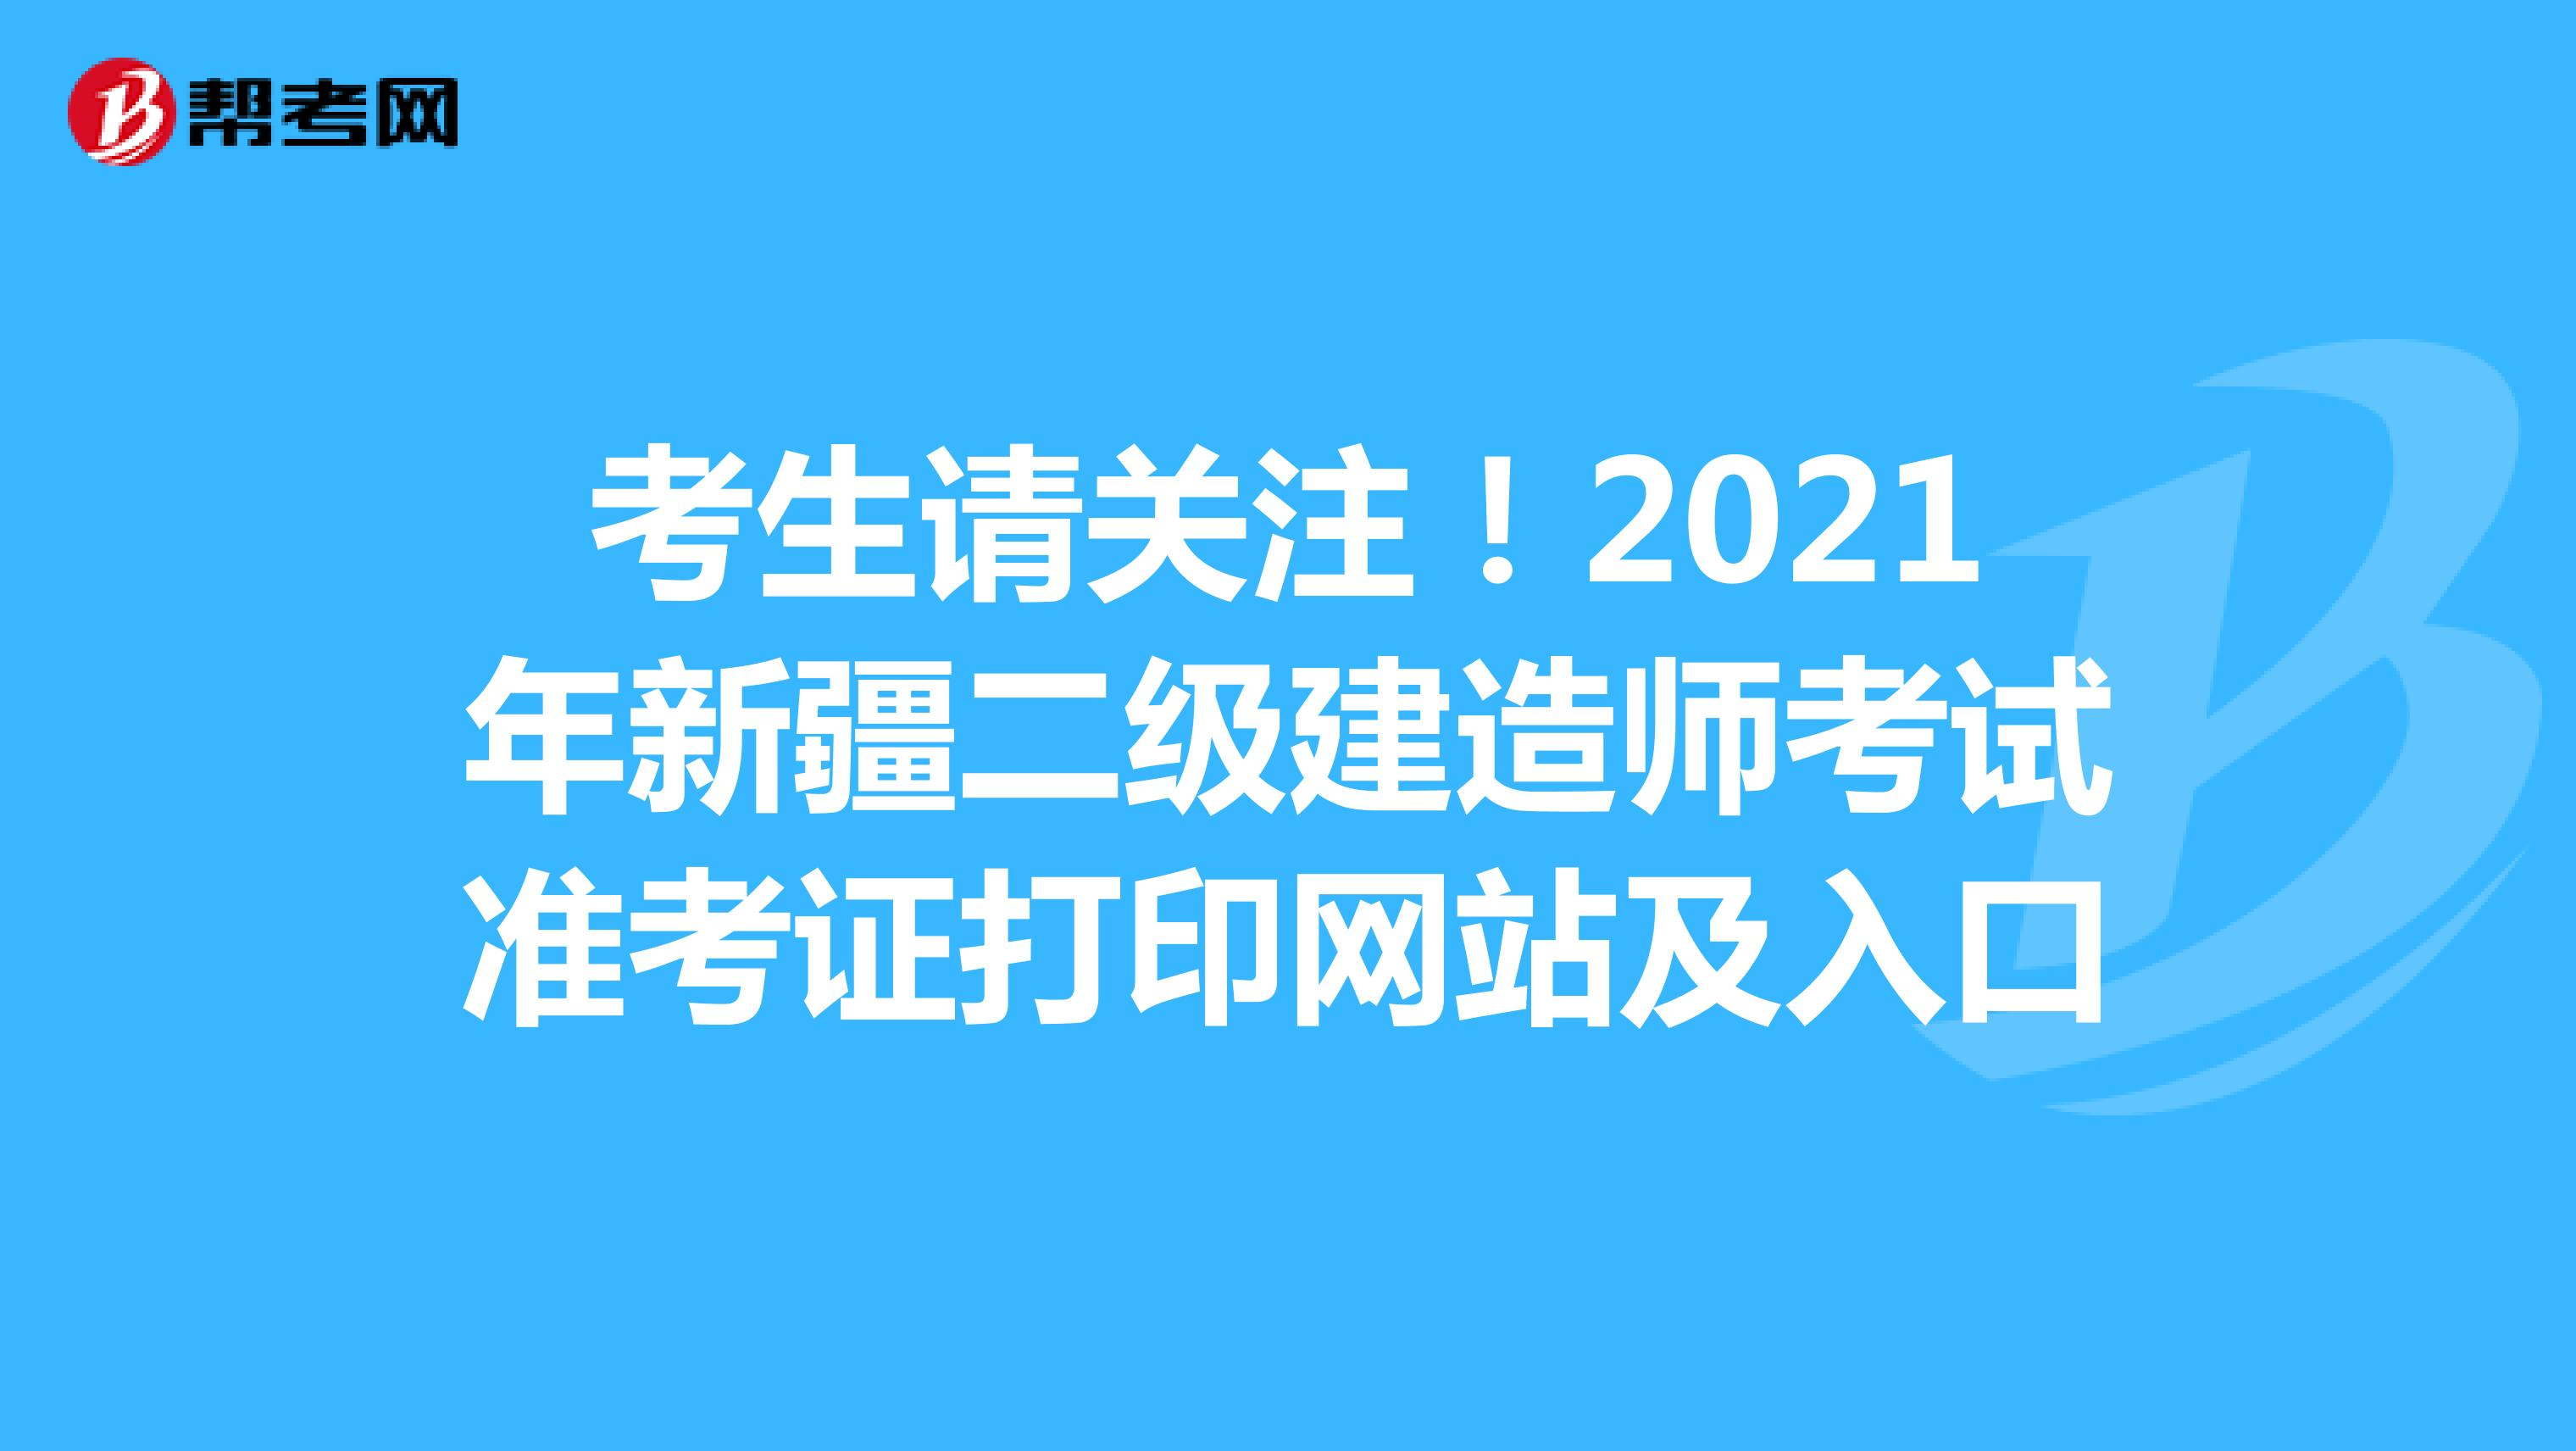 考生请关注!2021年新疆(hot88体育官网)二级建造师考试准考证打印网站及入口